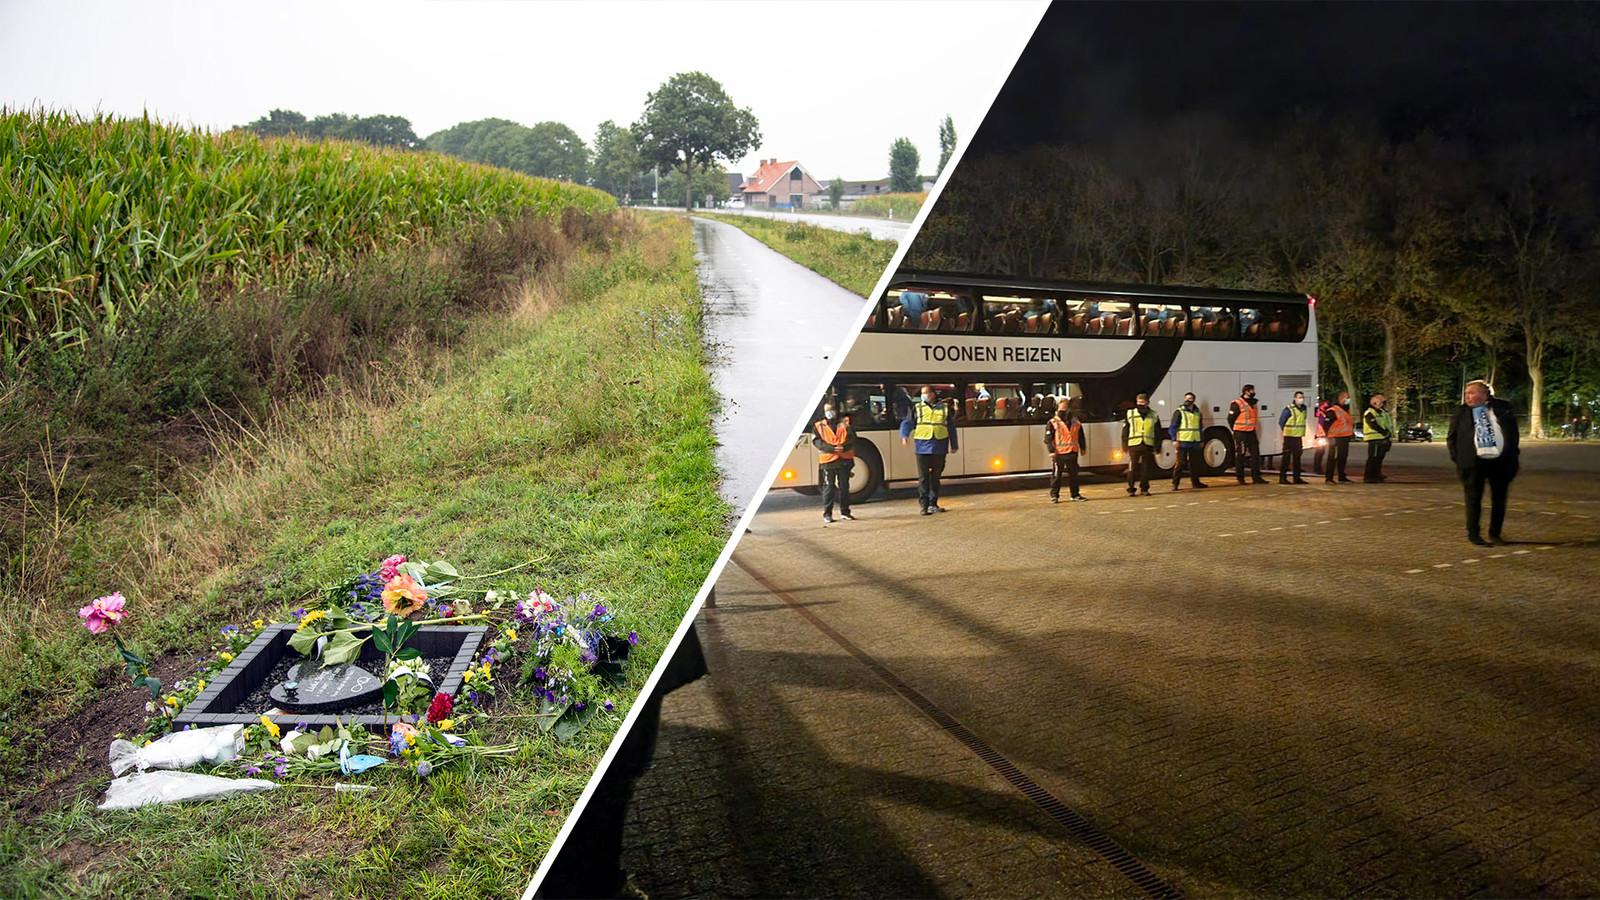 Links de plek waar Lieke om het leven kwam. Op de foto rechts: spelers van De Graafschap komen in Doetinchem aan.